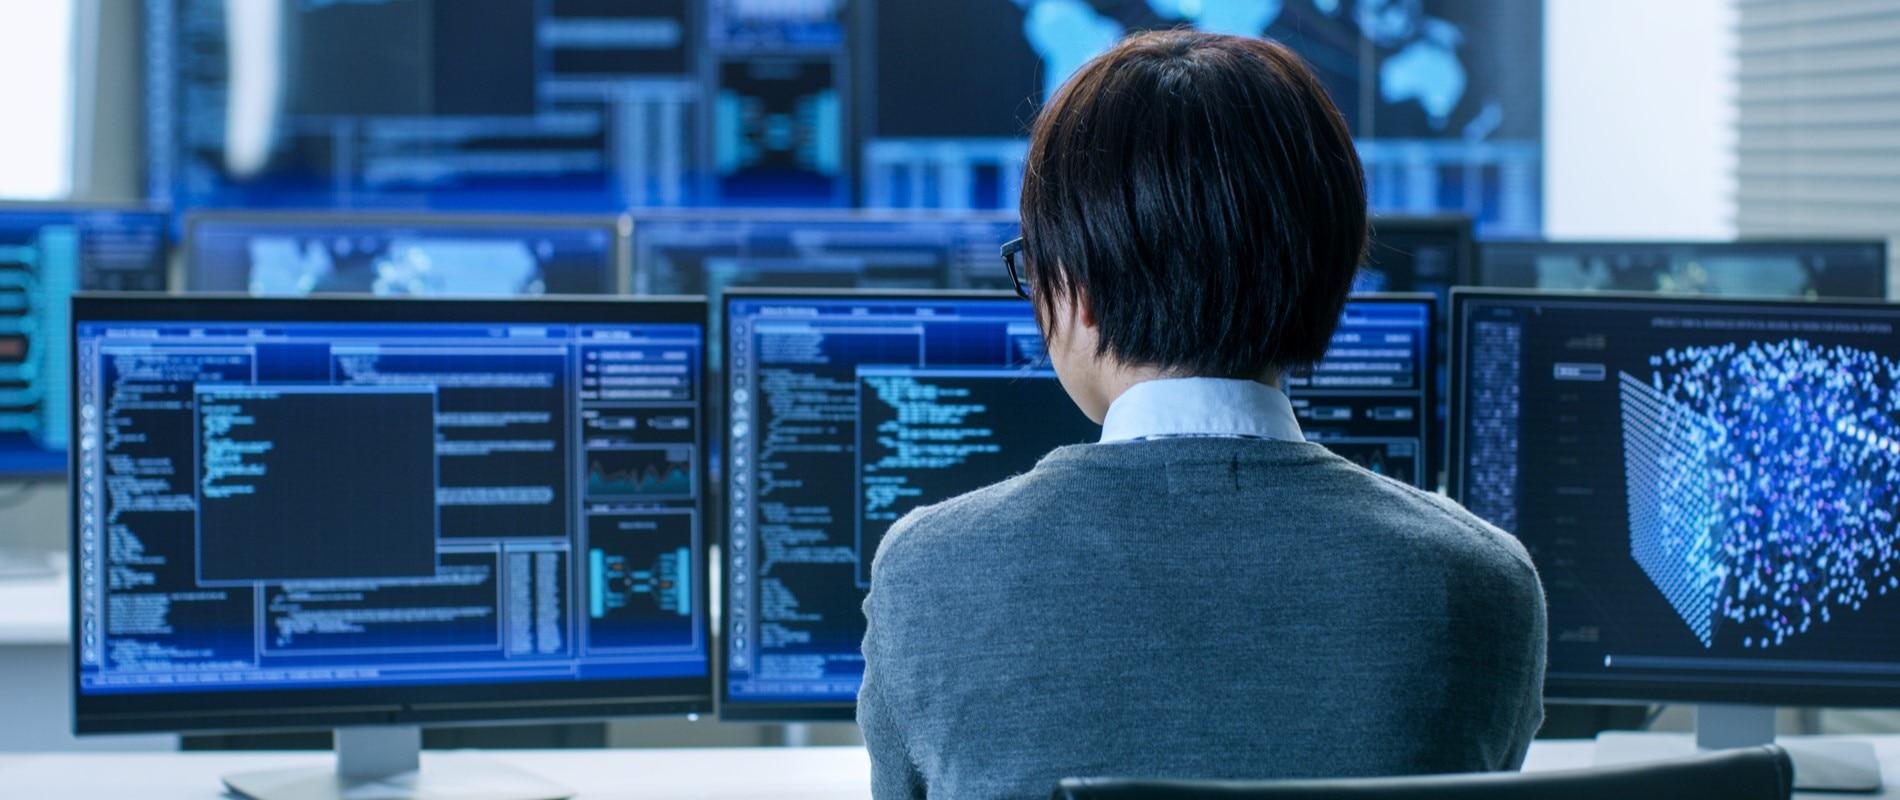 Qué se debe estudiar para trabajar en inteligencia artificial? | BBVA